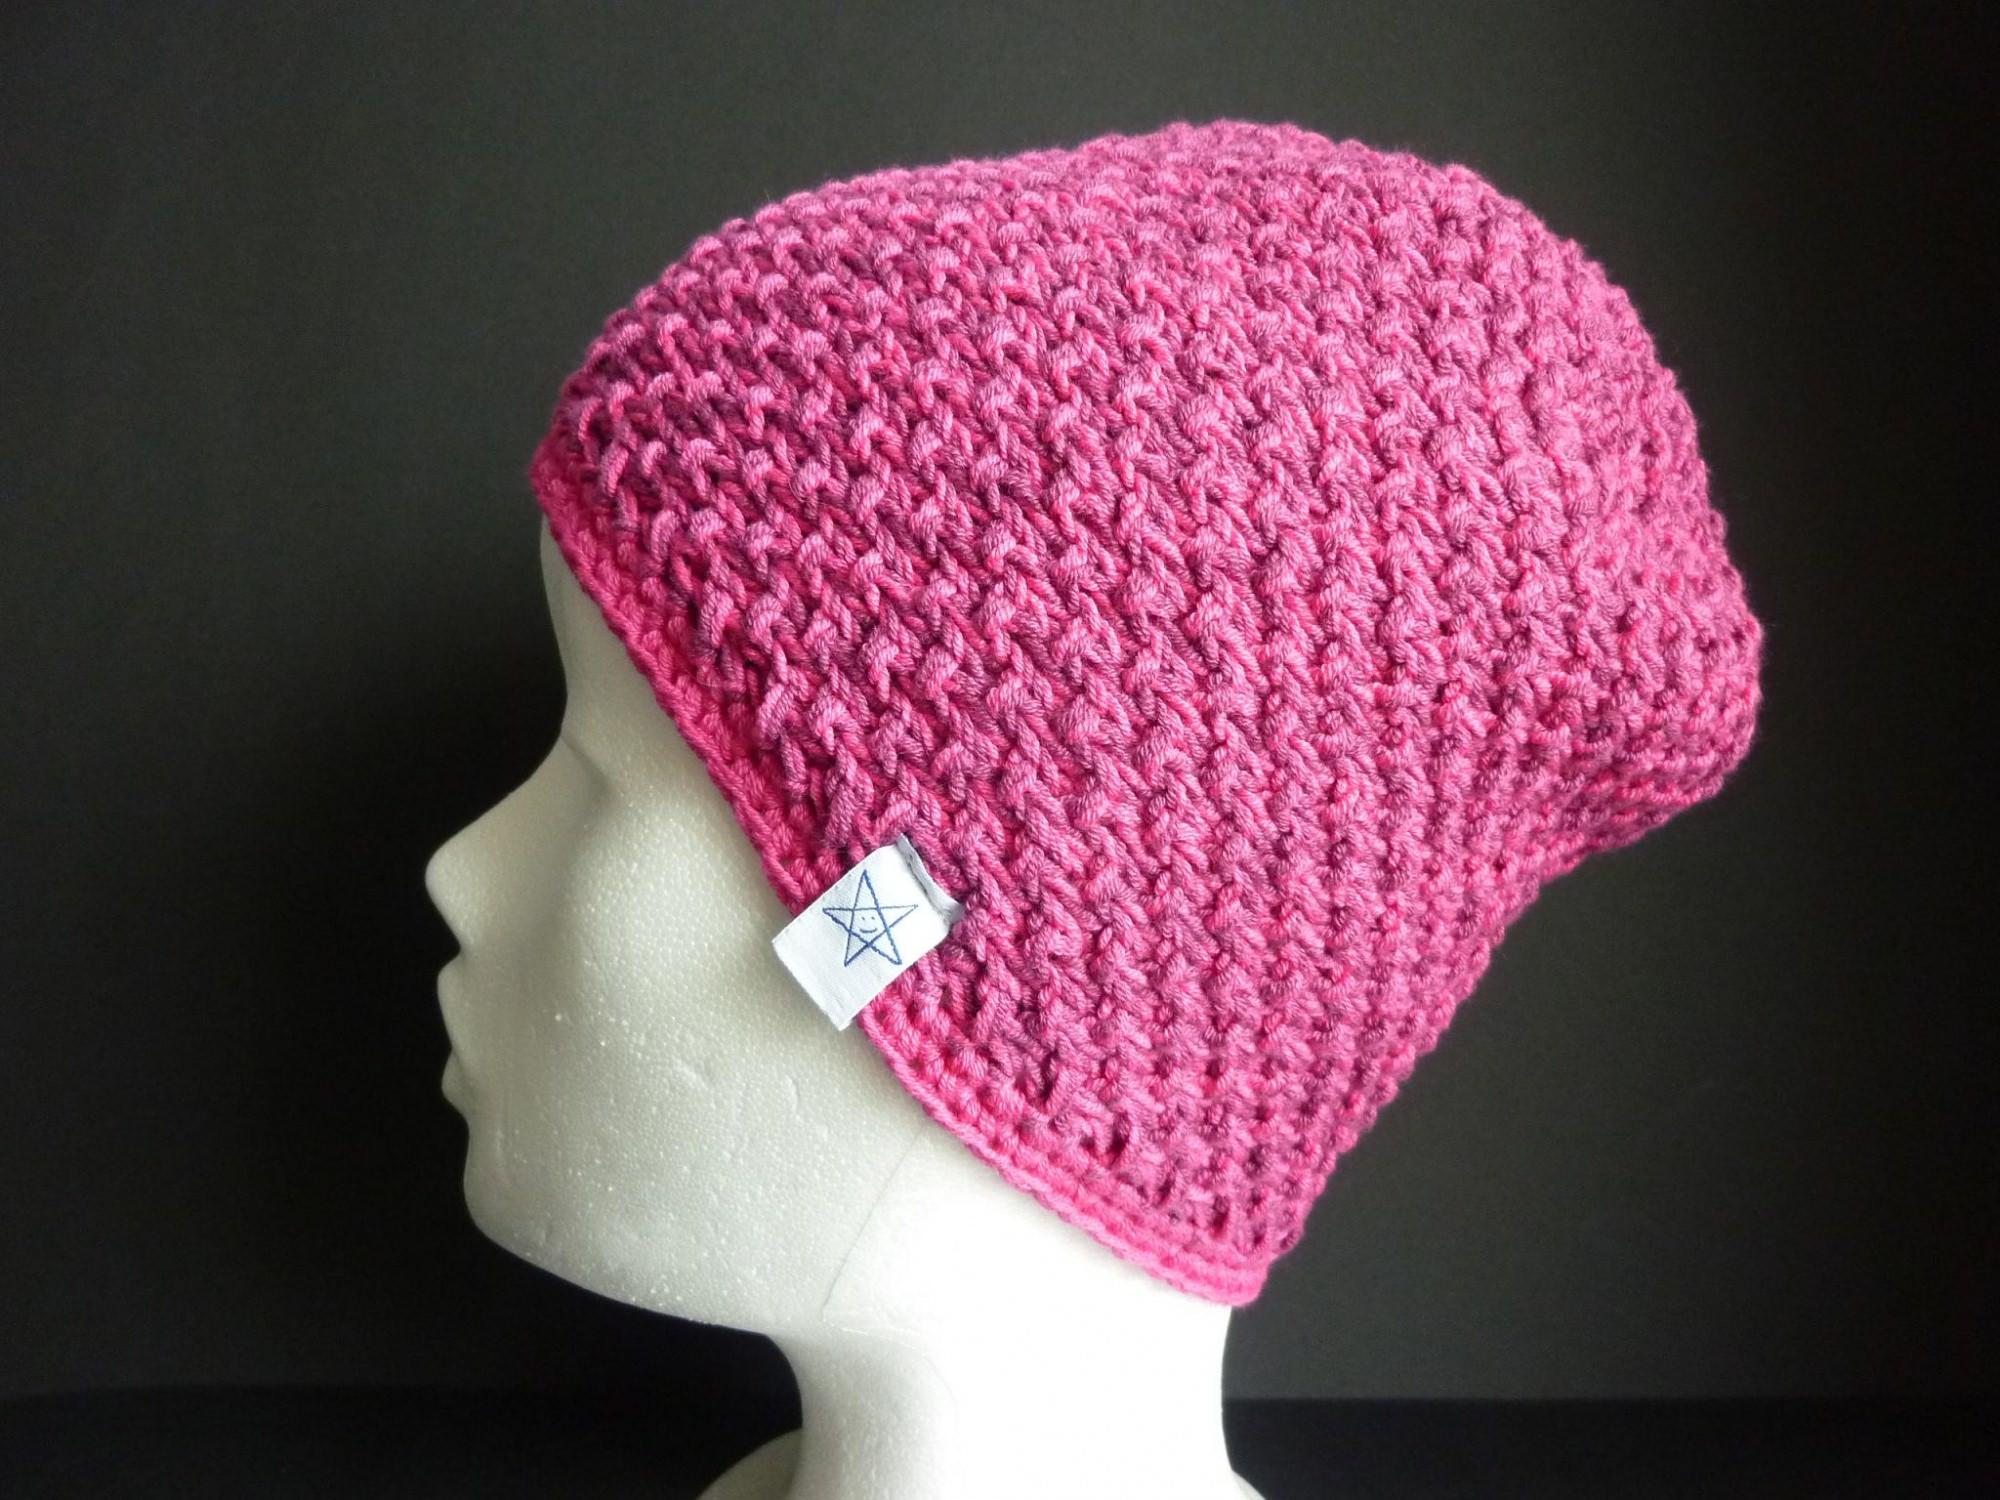 - Strickmütze Dunkelrot Pink aus Baumwolle handgestrickt - Strickmütze Dunkelrot Pink aus Baumwolle handgestrickt